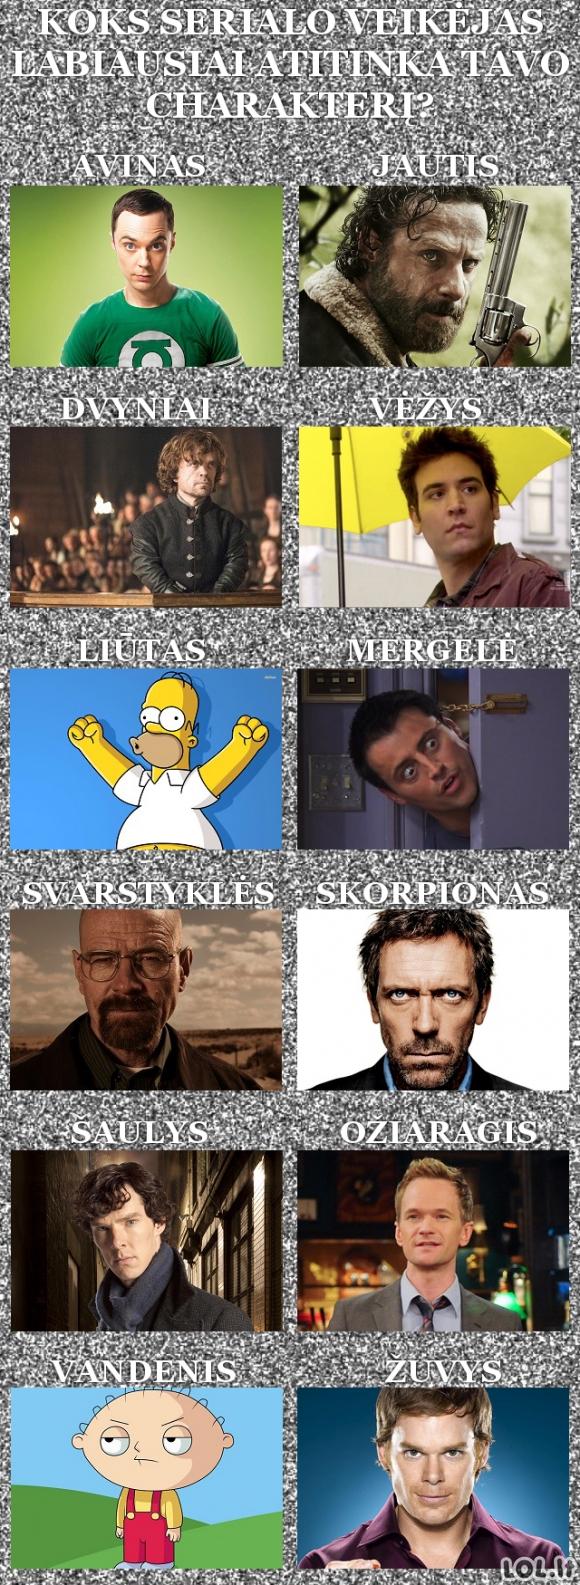 Koks serialo veikėjas labiausiai atitinka tavo charakterį?